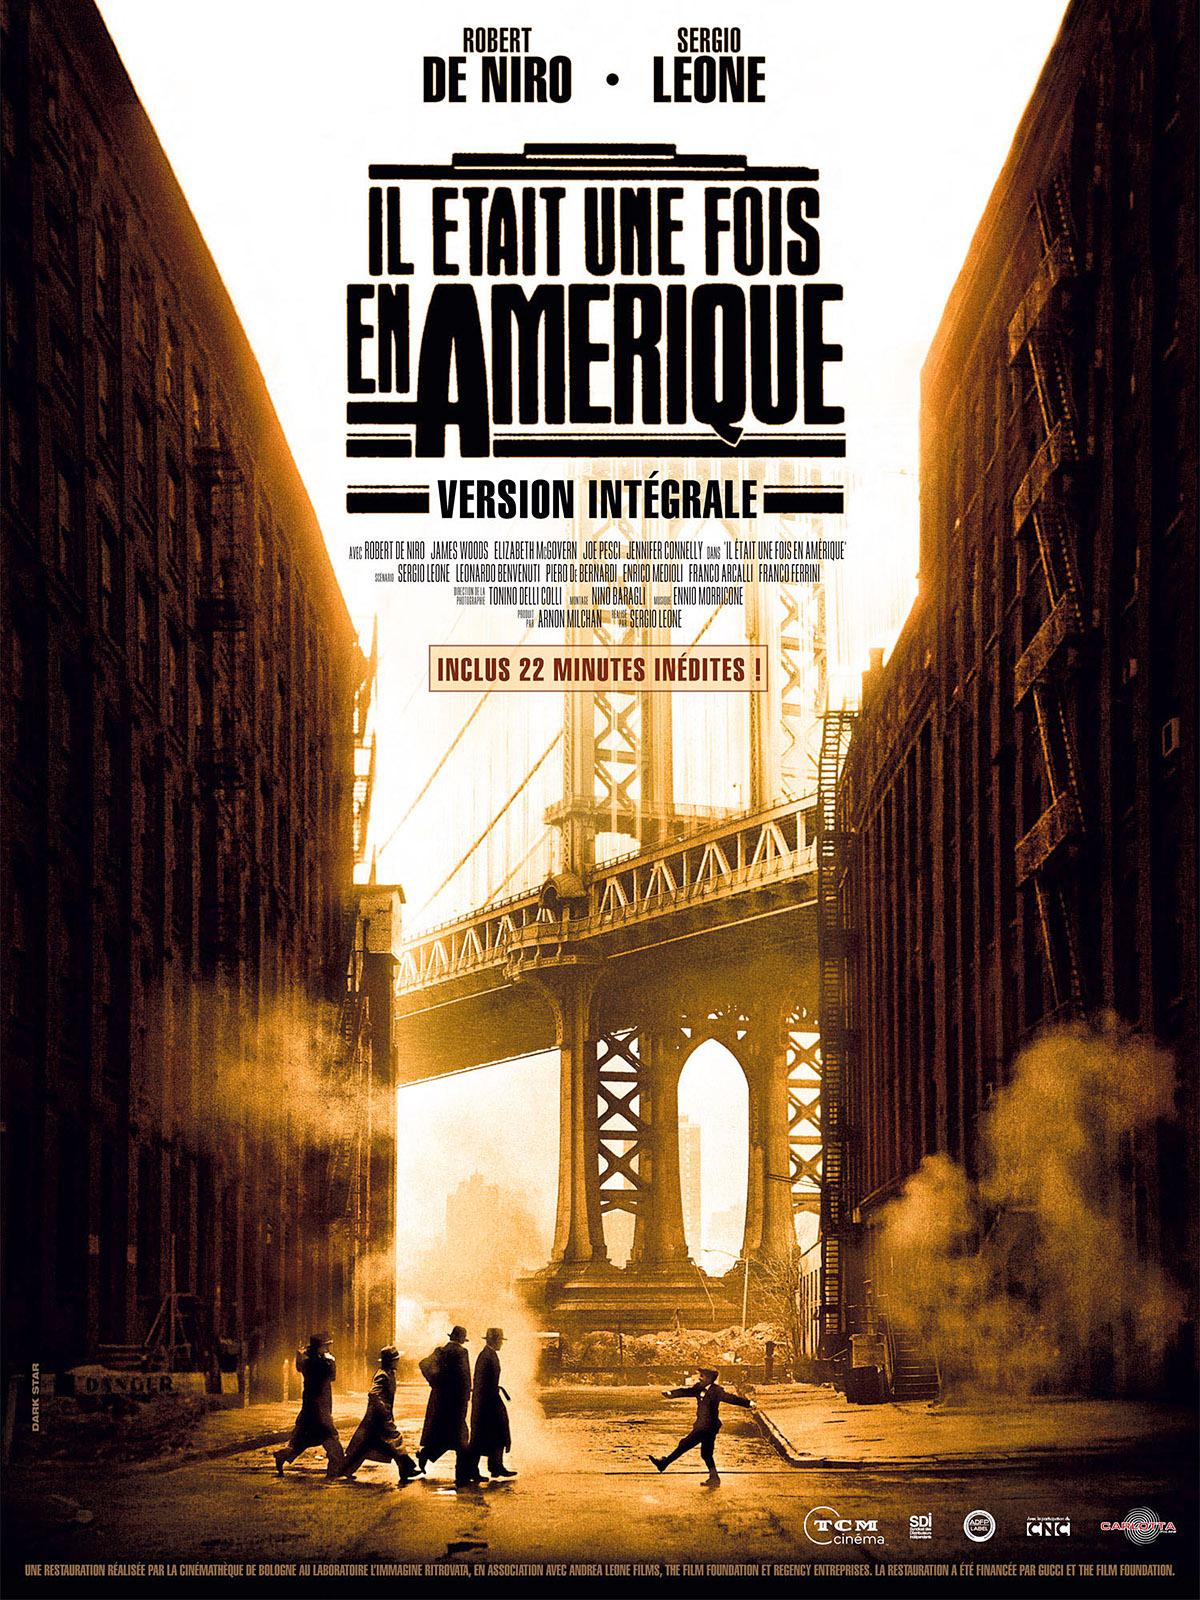 Il était une fois en Amérique de Sergio Leone (1984